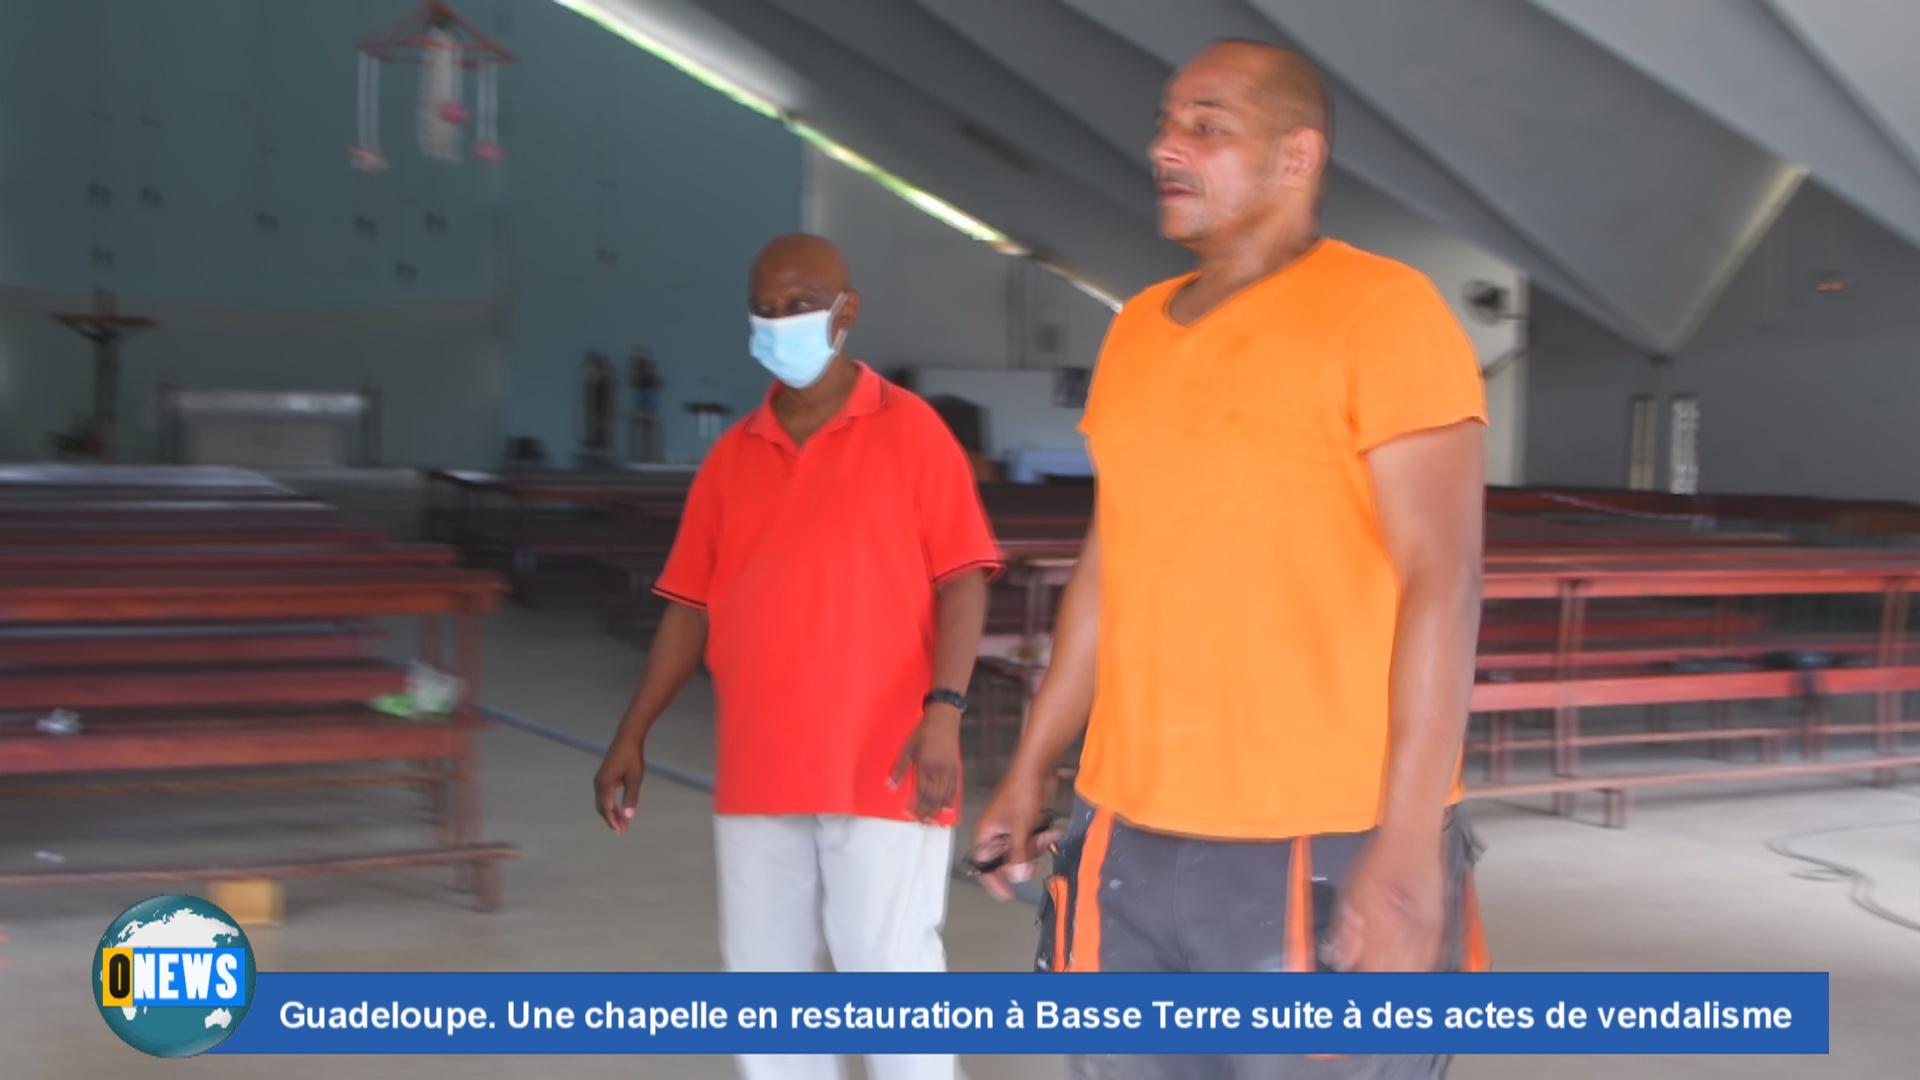 [Vidéo] Onews Guadeloupe. Une chapelle en restauration à Basse Terre suite à des actes de vandalisme